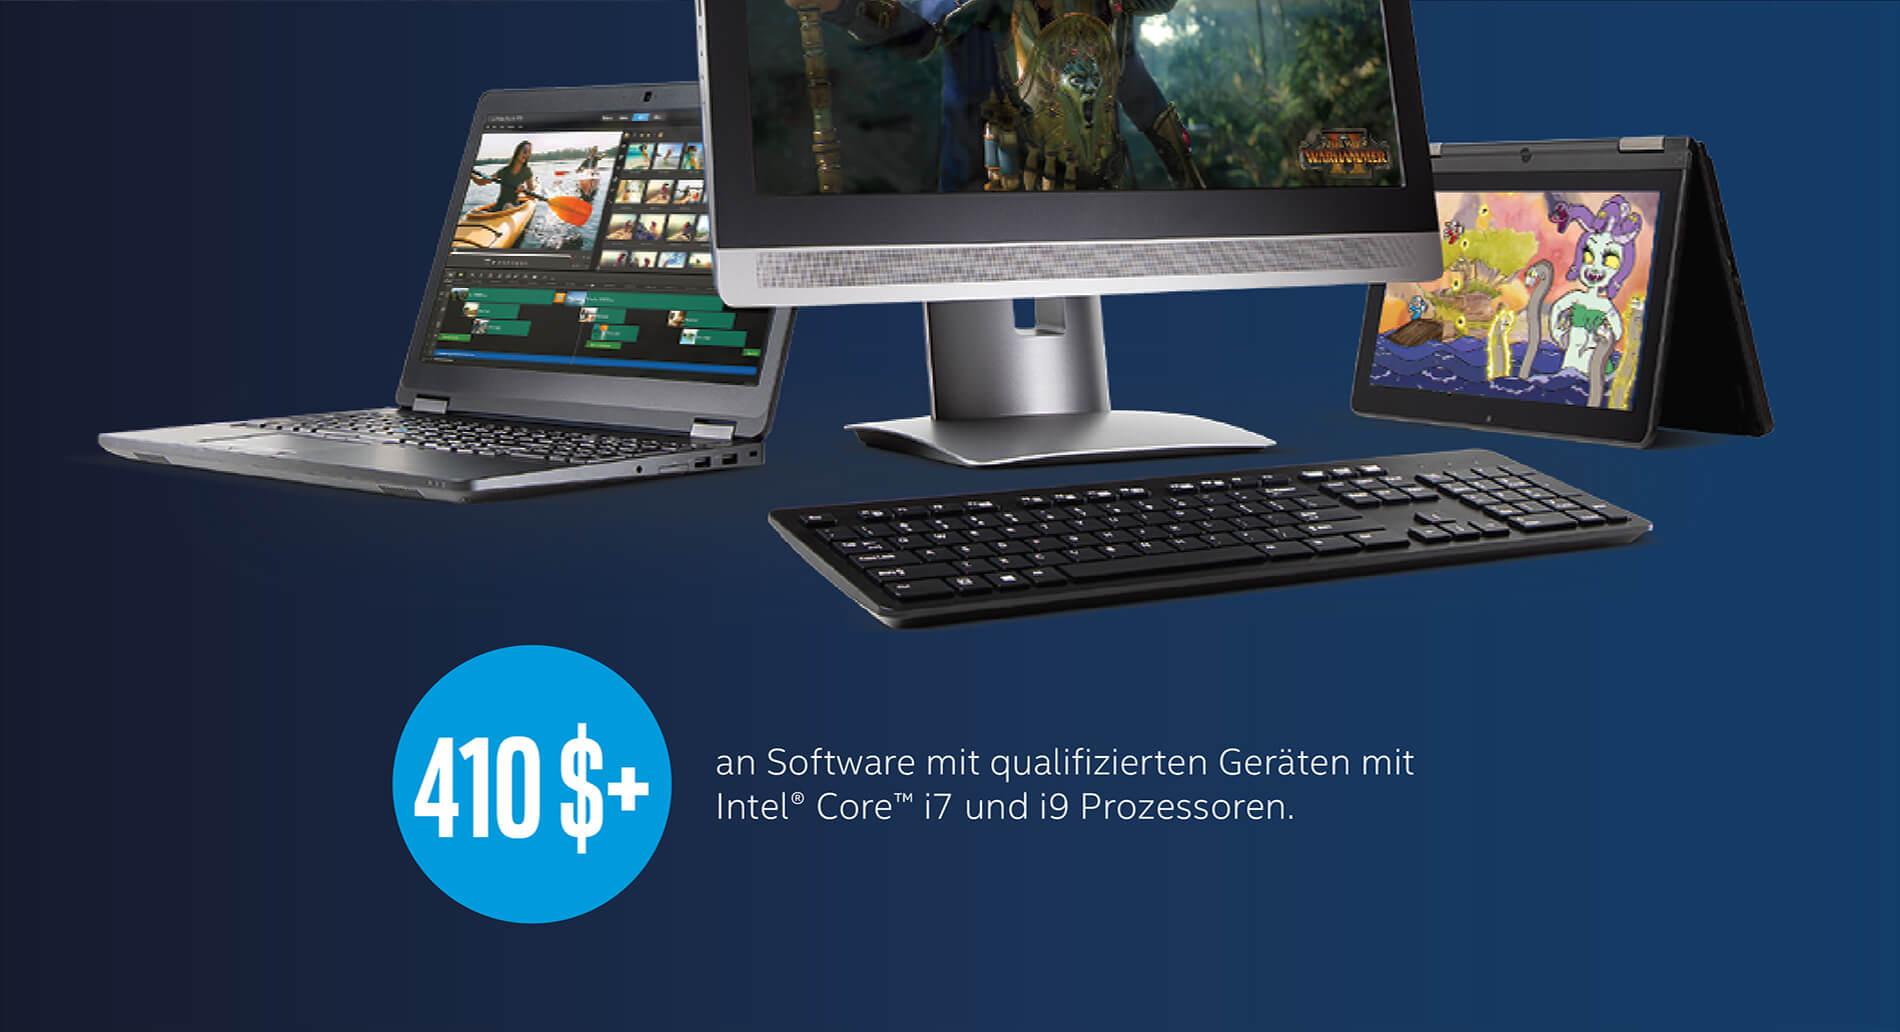 410$ + an Software mit qualifizierten Geräten mit Intel® Core™ i7 Prozessoren.